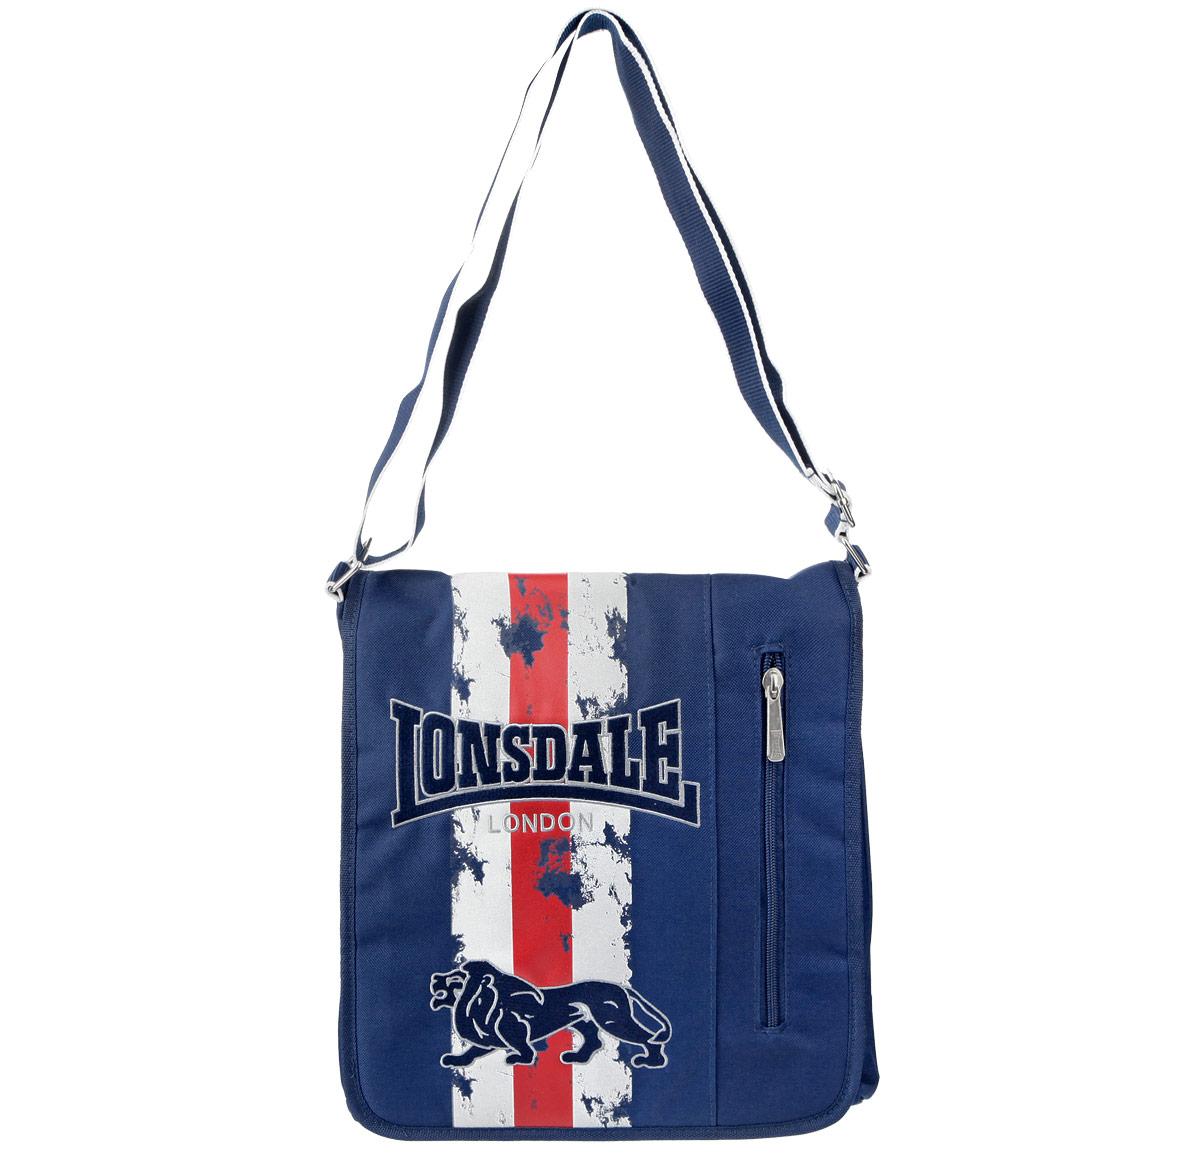 Сумка молодежная Lonsdale, цвет: синийABAA-UT1-3408Оригинальная молодежная сумка Lonsdale прекрасно подойдет для учебы, занятий спортом и повседневных дел. Стильная, легкая и удобная сумка с ярким принтом станет незаменимым аксессуаром. Вместительное внутреннее отделение закрывается на клапан с кнопкой, в него поместятся все необходимые школьные принадлежности или спортивная форма. На самом клапане вместительный карман на молнии. Внутри сумки карман на молнии и два открытых кармана. На задней стороне большой открытый карман, вмещающий формат A4. Плотная и широкая лямка свободно регулируется по длине, что позволяет носить сумку школьникам разного возраста. Лаконичный и сдержанный дизайн подчеркнет индивидуальность и порадует своей функциональностью.